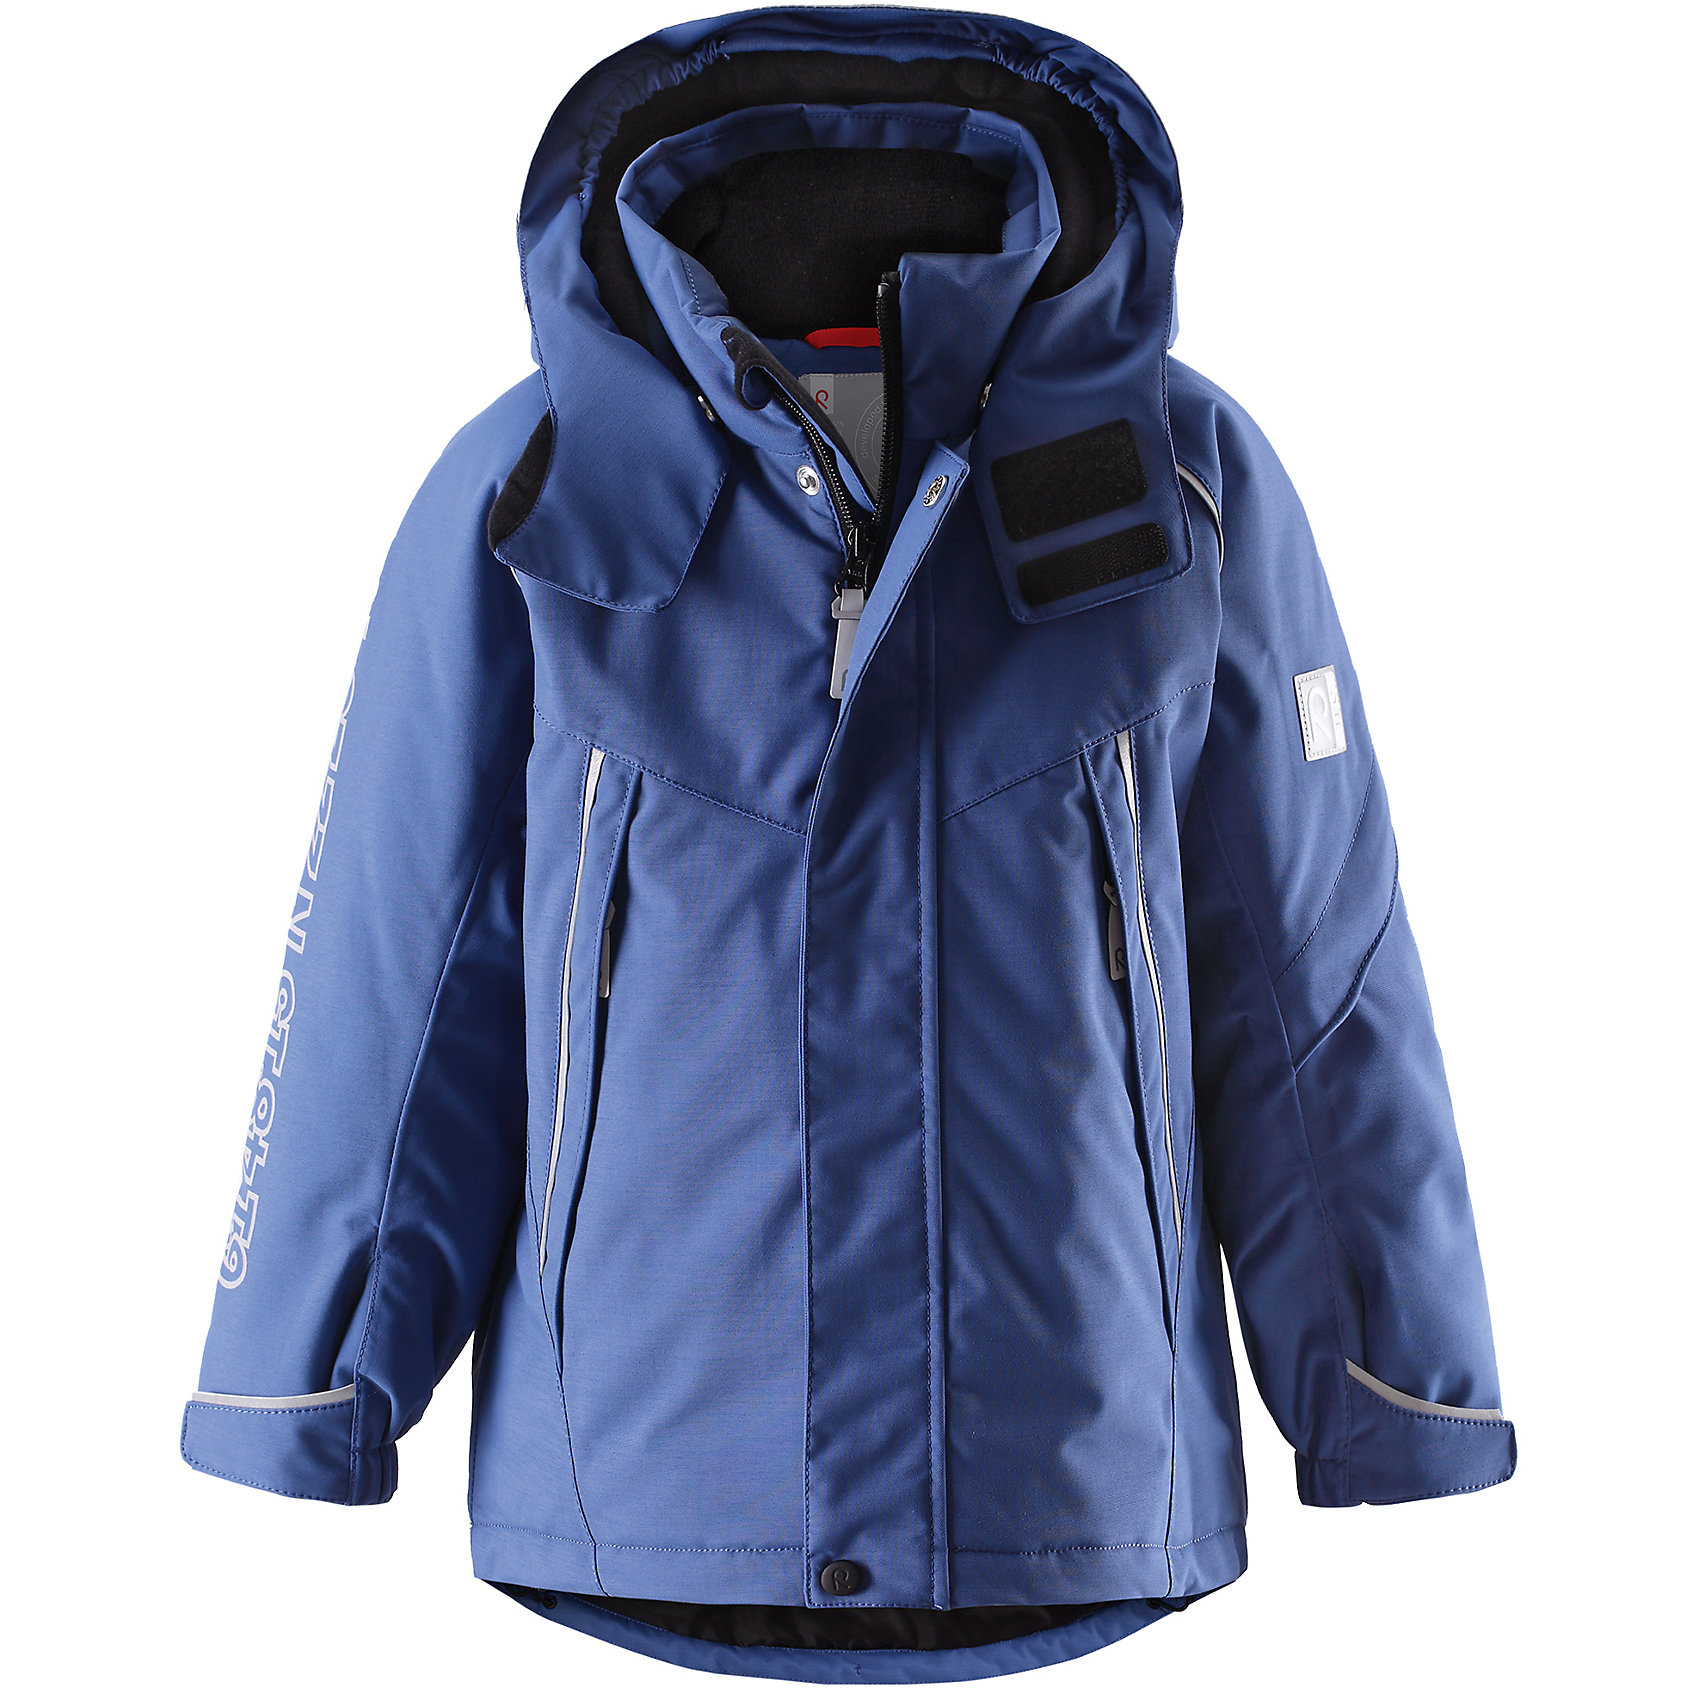 Куртка Reimatec для мальчика ReimaЭта стильная функциональная зимняя куртка отлично смотрится как на склонах гор, так и в городе! Зимняя куртка Reimatec® (Рейматек) изготовлена ??из прочного водонепроницаемого материала и является must-have этой зимой. Ветронепроницаемый, но дышащий материал обеспечивает комфорт и не позволяет ребенку вспотеть во время продолжительного отдыха на открытом воздухе. Водо- и грязеотталкивающая поверхность и проклеенные швы предотвращают попадание воды и грязи. После стирки ее можно сушить в центрифуге! Гладкая подкладка из полиэстера позволяет легко надевать куртку. Обратите внимание, что куртка оснащена специальными кнопками Play Layers®, что позволяет пристегивать к ней промежуточный слой Reima® для дополнительного тепла и комфорта. На капюшоне имеется клапан, защищающий шею от ветра, и козырек, обеспечивающий видимость ребенка в темноте. Куртка регулируется на талии для хорошей посадки, манжеты регулируются с помощью липучки. Кроме карманов на молнии, на куртке имеется внутренний нагрудный карман и карман на рукаве для хранения карточки лыжного клуба. Видимость после захода солнца обеспечивается множеством светоотражающих принтов на рукаве, на котором указан адрес завода Reima. Проста в уходе, можно сушить в центрифуге.<br><br>Водонепроницаемая зимняя куртка для детей постарше, модель для мальчиков<br>Все швы проклеены, водонепроницаемы<br>Безопасный съемный капюшон со светоотражающим козырьком<br>На рукаве карман для карты лыжного клубы                                                                                             Два кармана на молнии<br>Подол регулируется<br>Безопасные светоотражающие детали<br>Состав:<br>100% ПА, ПУ-покрытие<br>Средняя степень утепления (до - 20)<br><br>Куртку для мальчика Reimatec® (Рейматек) Reima (Рейма) можно купить в нашем магазине.<br><br>Ширина мм: 356<br>Глубина мм: 10<br>Высота мм: 245<br>Вес г: 519<br>Цвет: синий<br>Возраст от месяцев: 18<br>Возраст до месяцев: 24<br>Пол: Мужской<br>Возраст